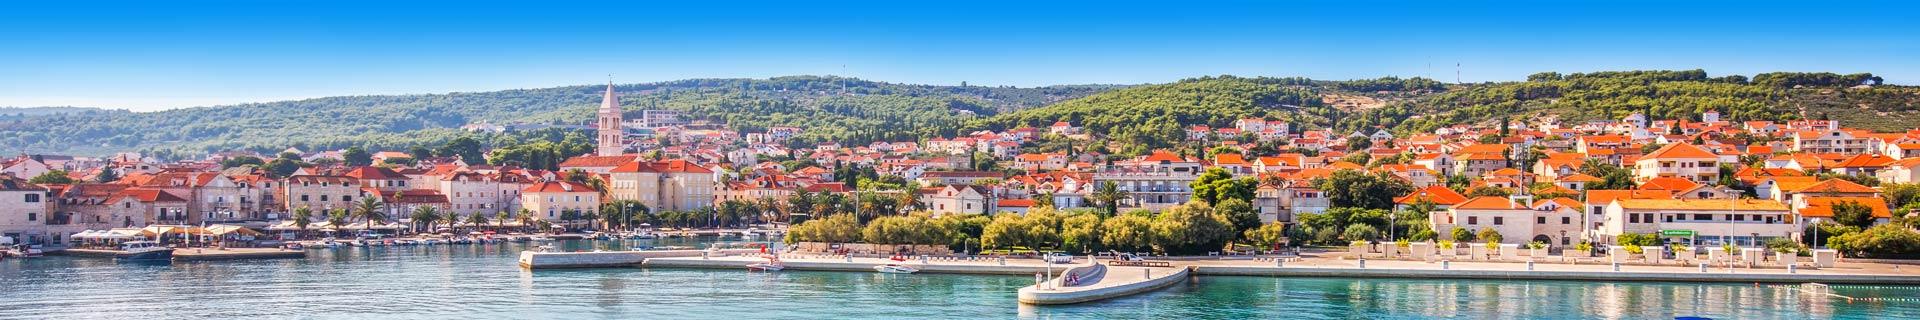 Uitzicht op helderblauw water en huizen met oranje daken